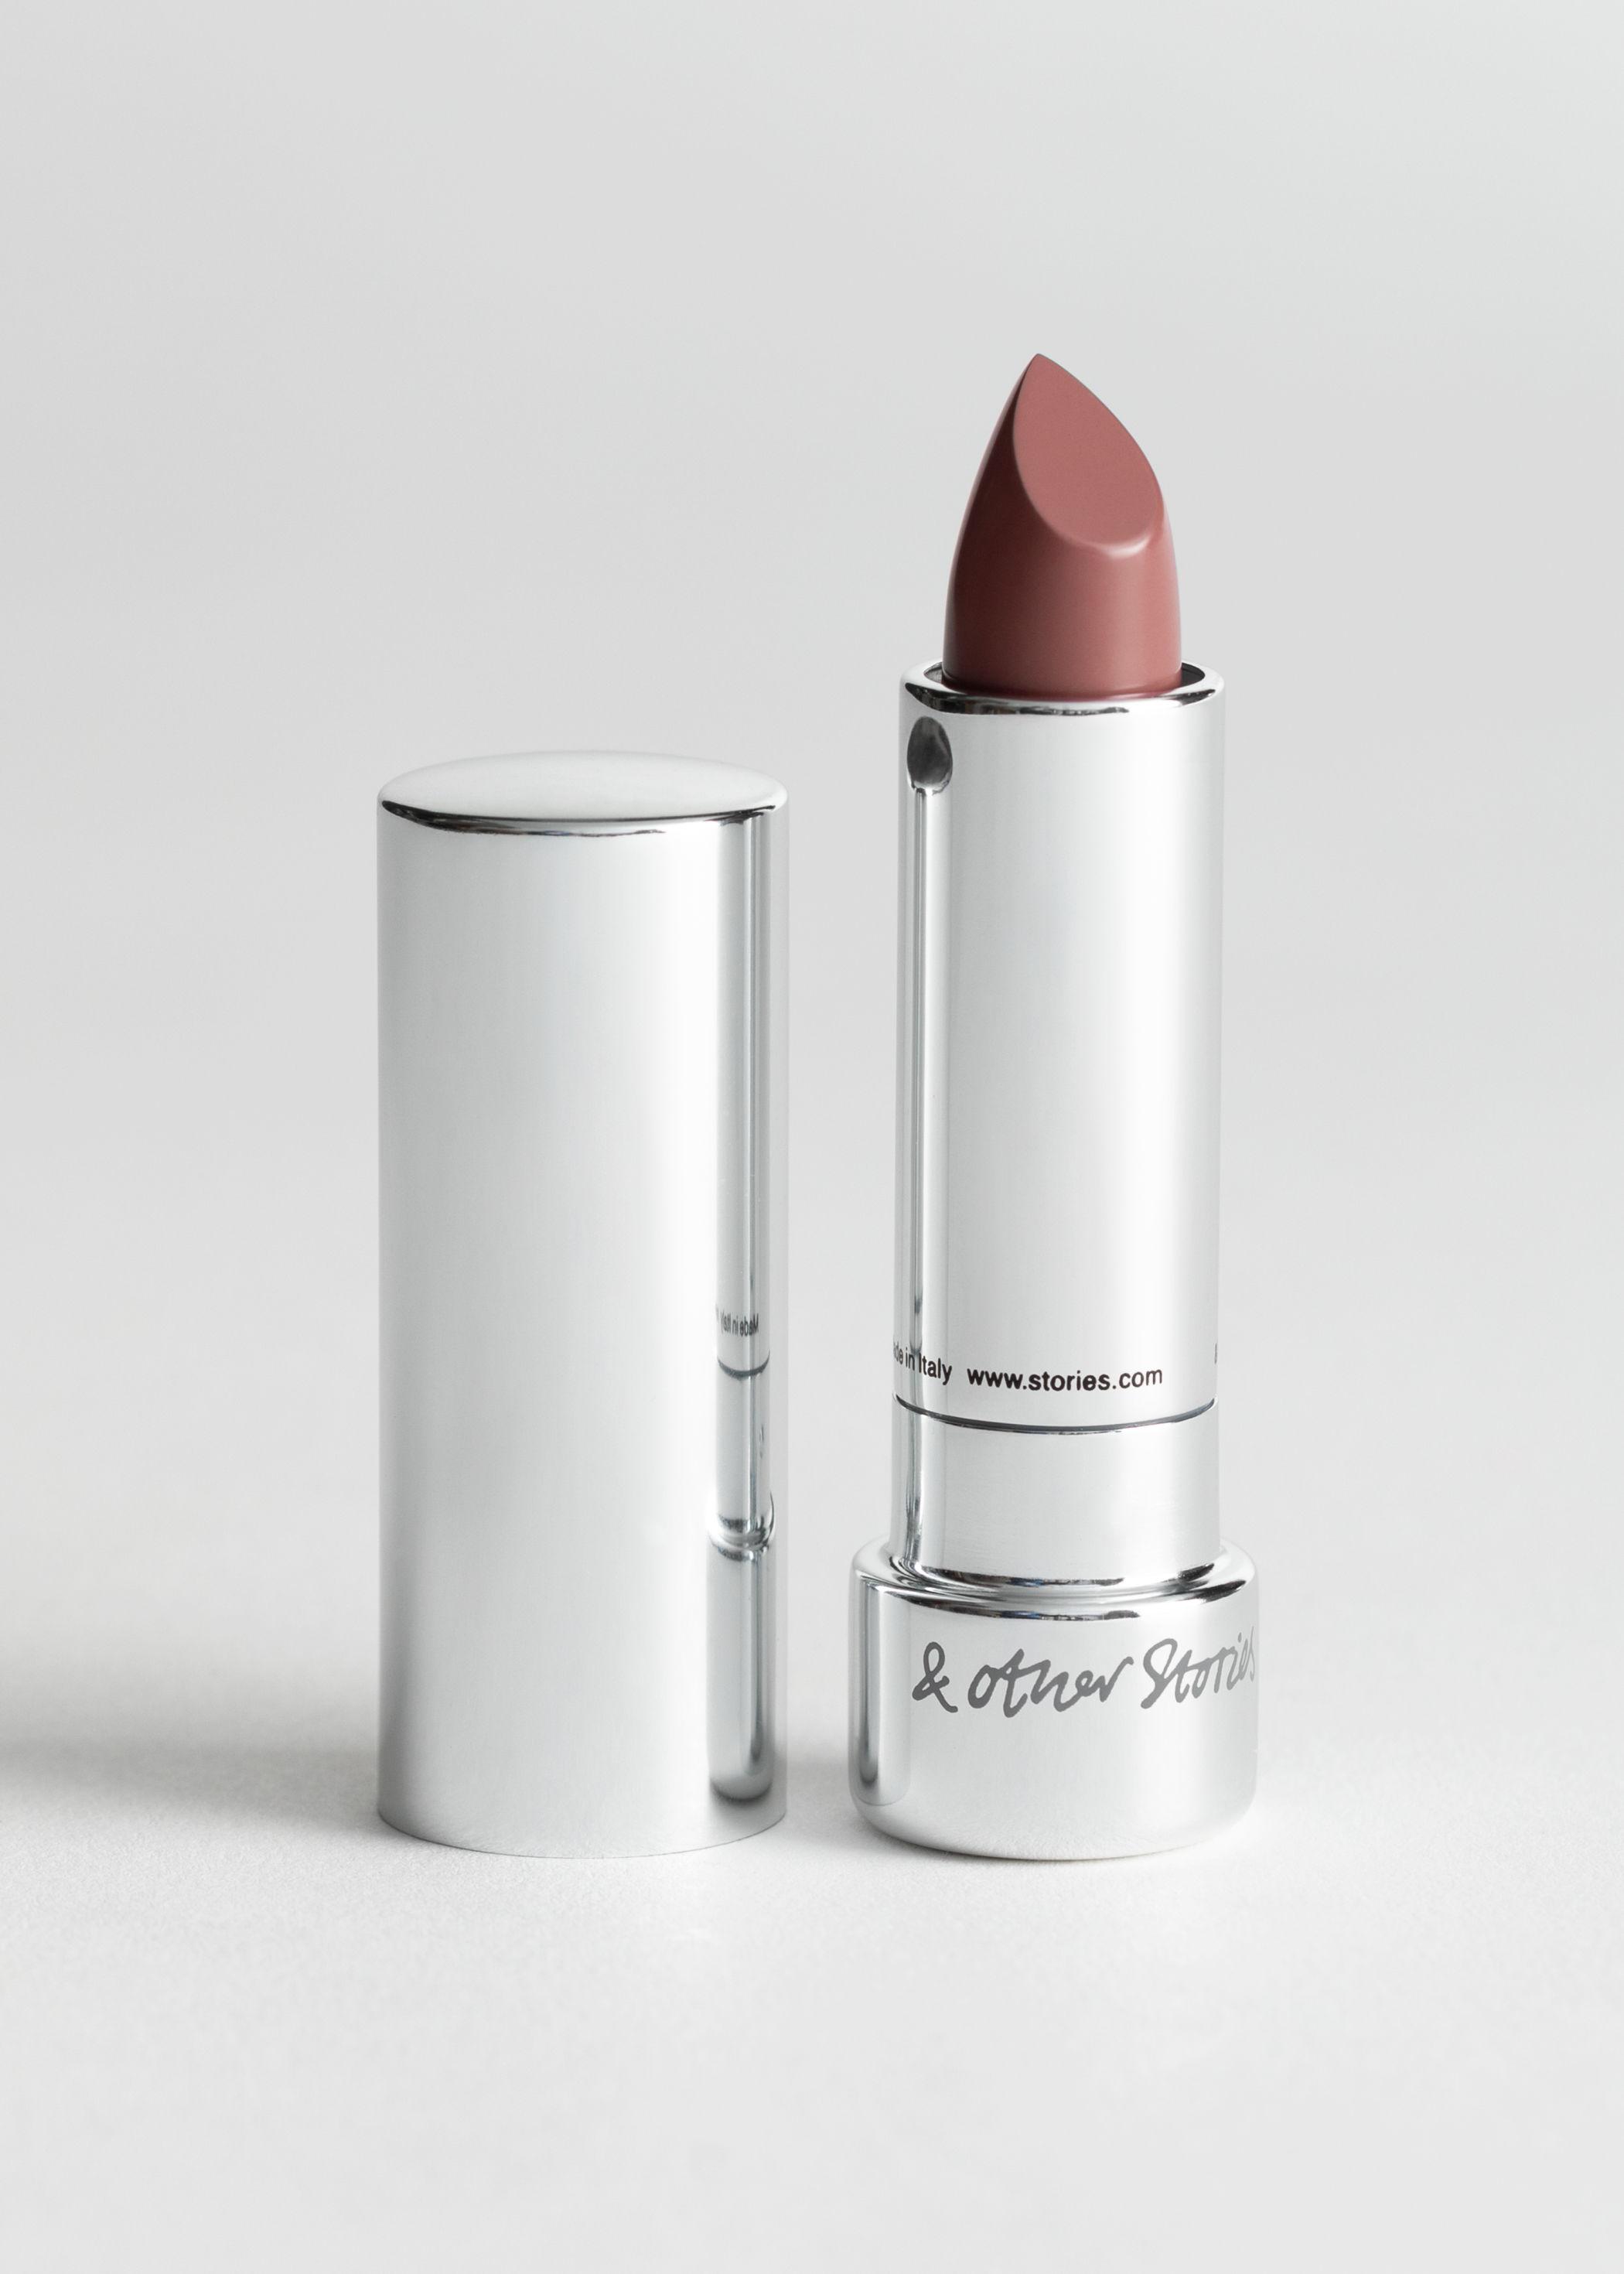 앤 아더 스토리즈 립스틱 & OTHER STORIES Orchid Mauve Lipstick